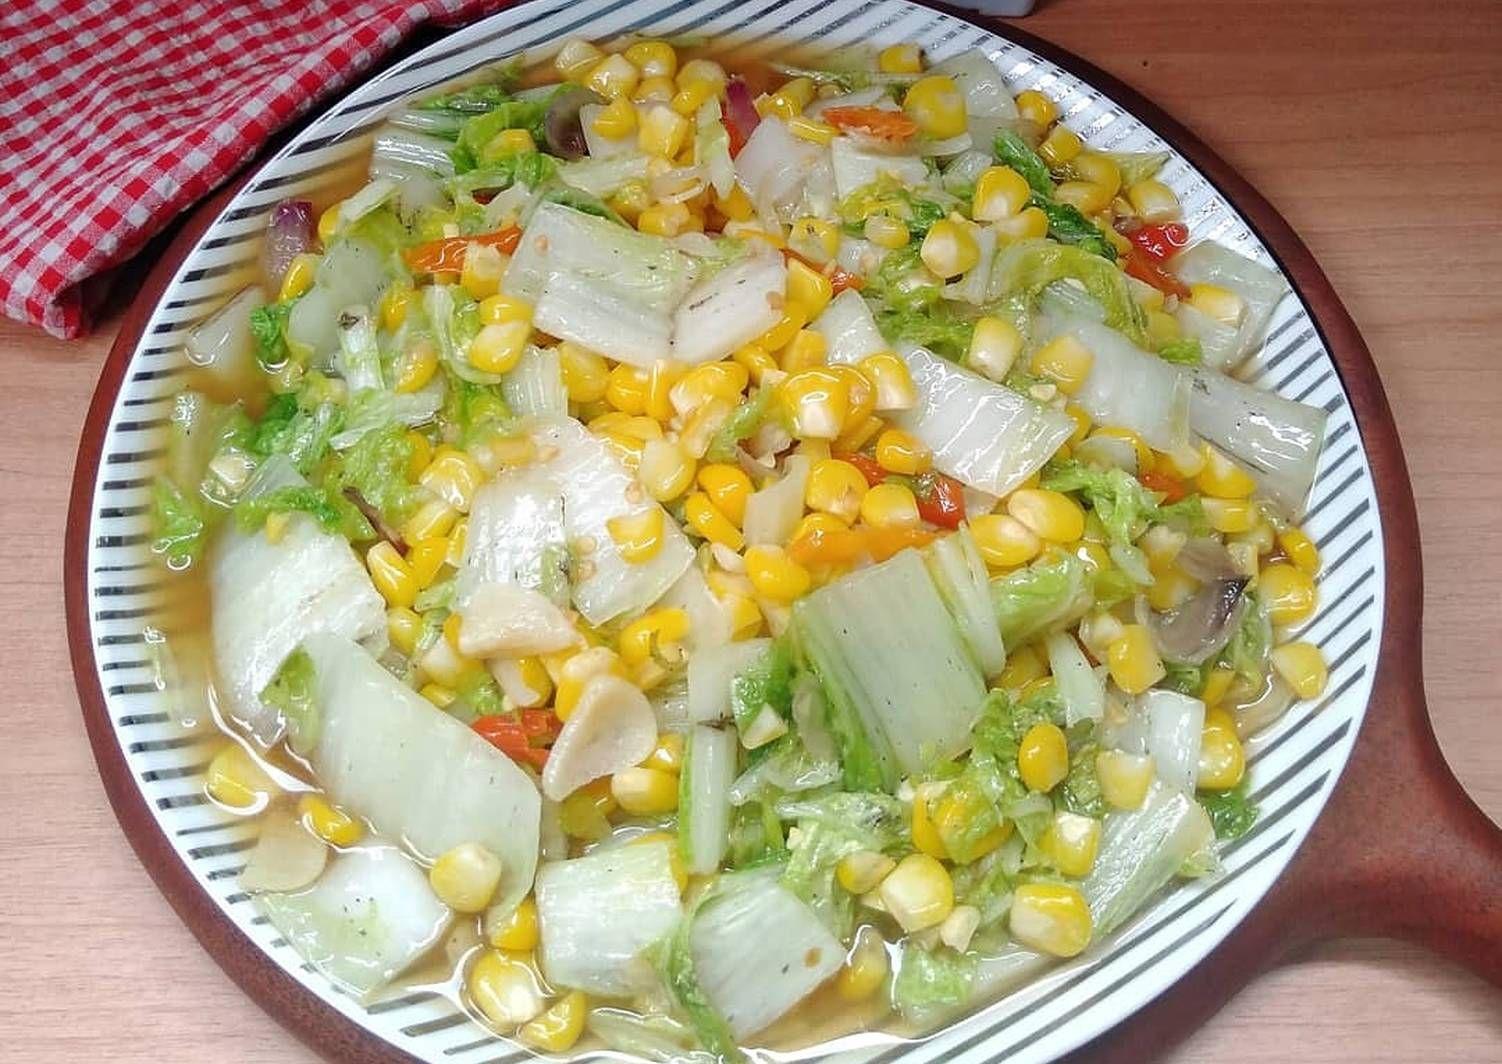 Resep Tumis Sawi Putih Jagung Manis Oleh Susan Mellyani Resep Tumis Resep Masakan Resep Makanan